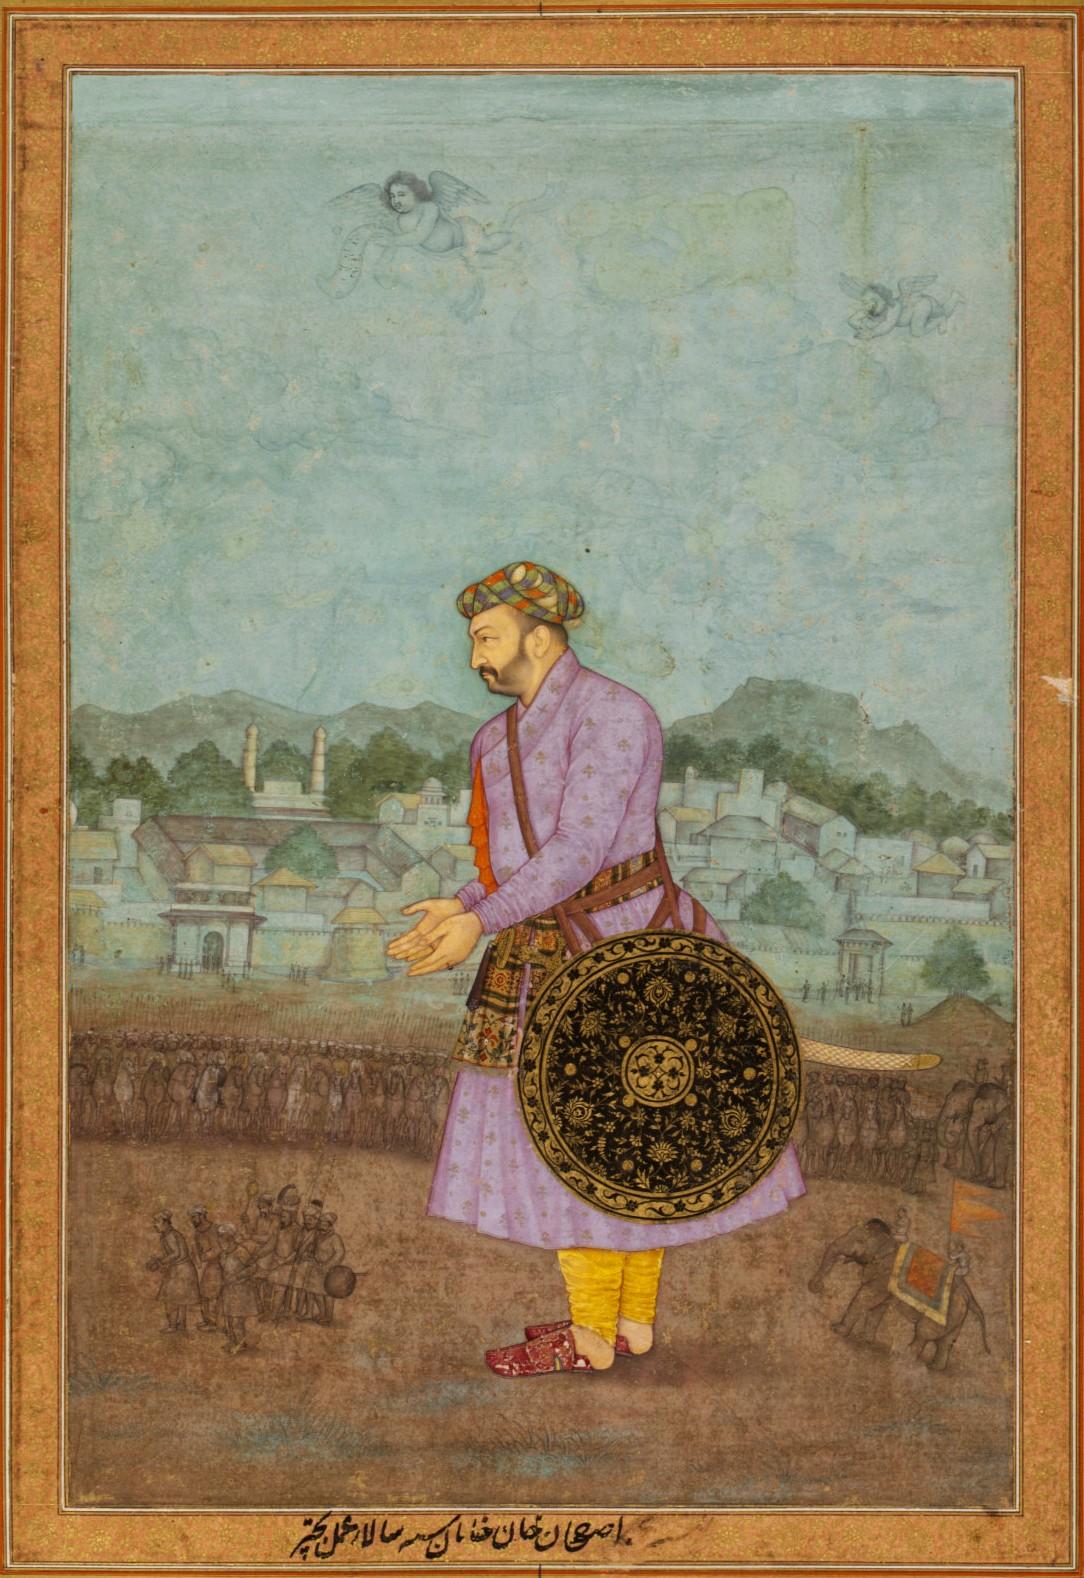 মমতাজ মহলের পিতা আসফ খান।